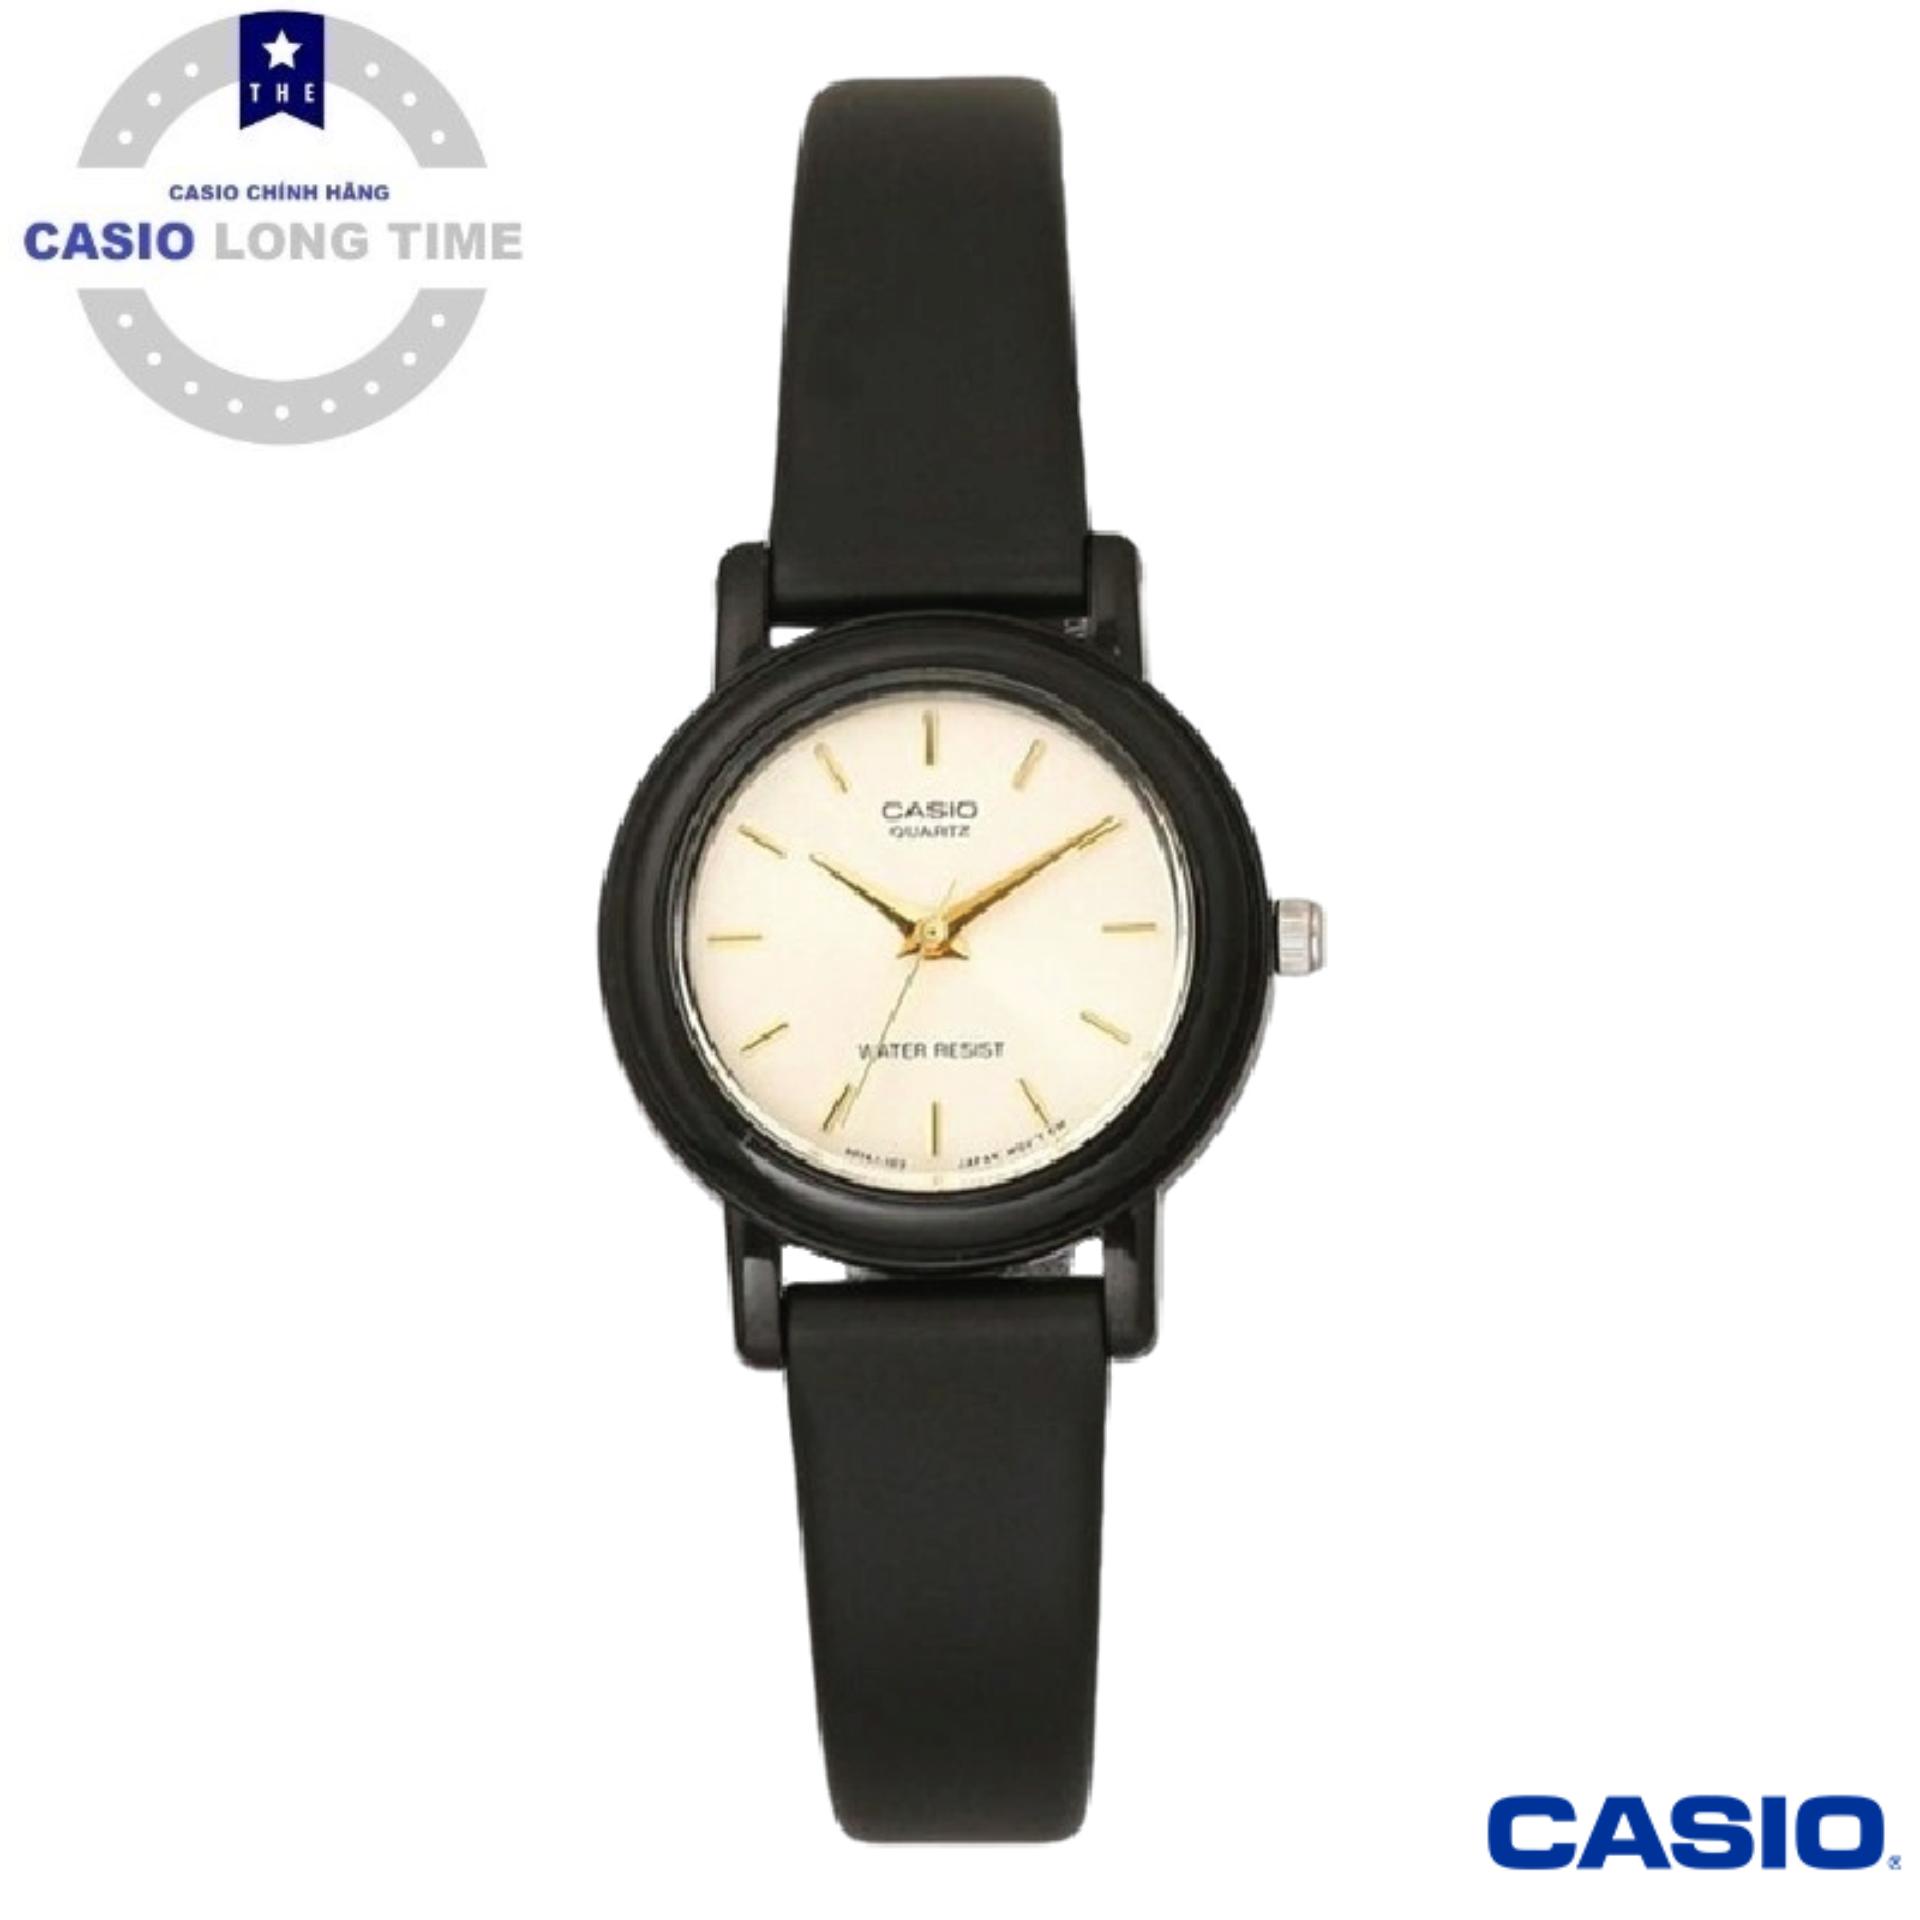 [Ủy Quyền Bởi Casio Anh Khuê]Đồng Hồ Nữ Casio LQ-139EMV-9ALDF Dây Nhựa Màu Đen – Nền Mặt Mạ Vàng